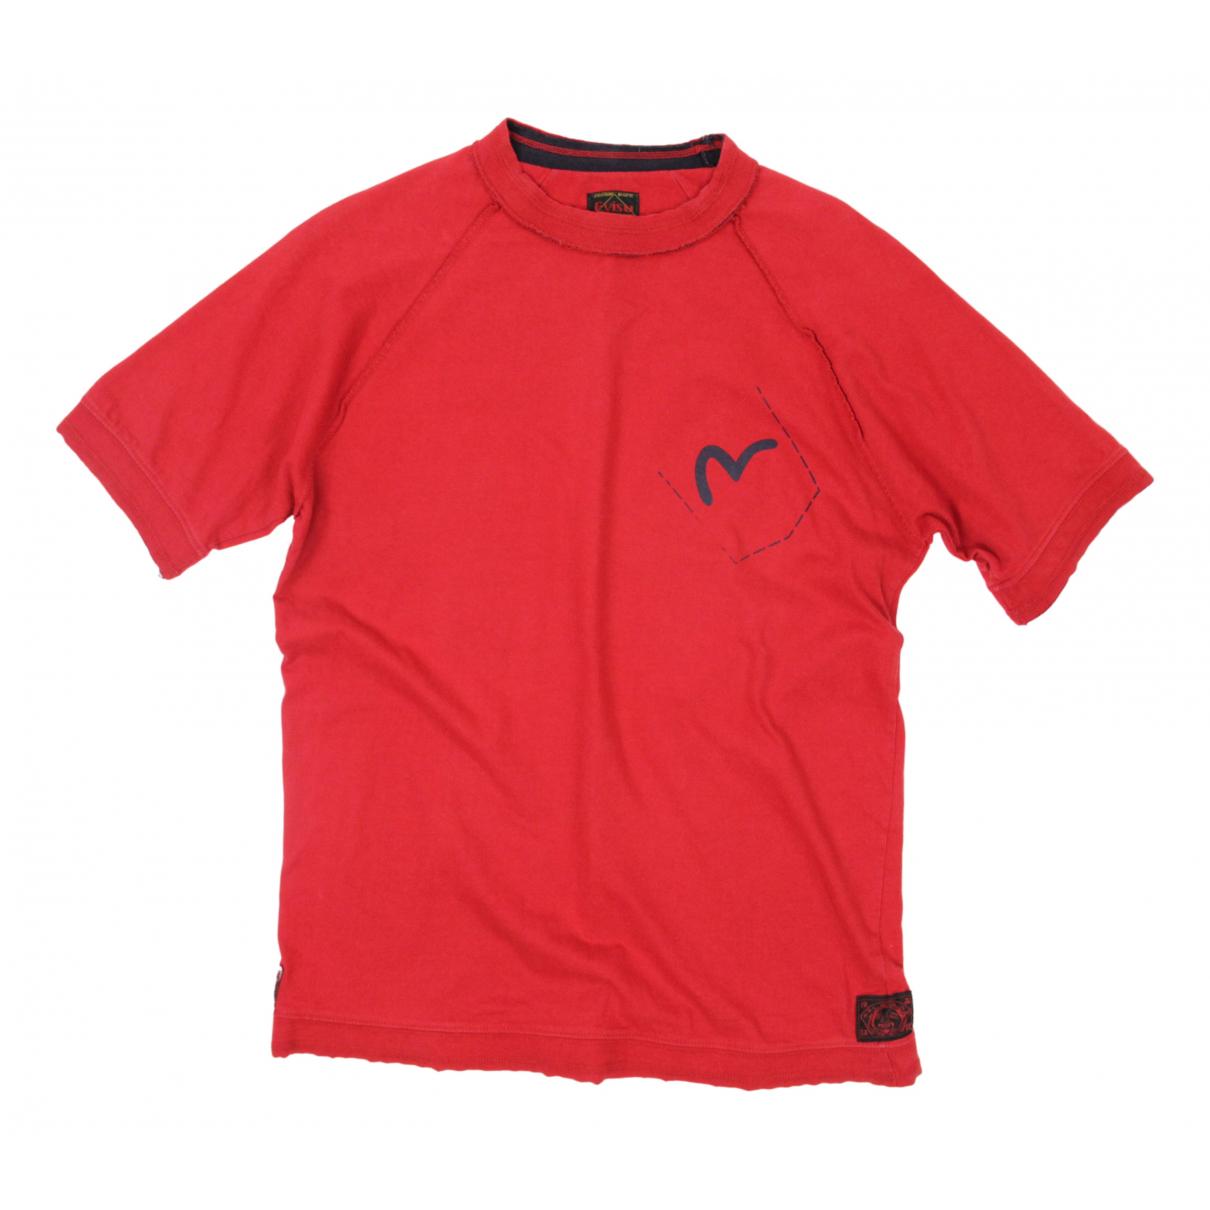 Evisu - Tee shirts   pour homme en coton - rouge